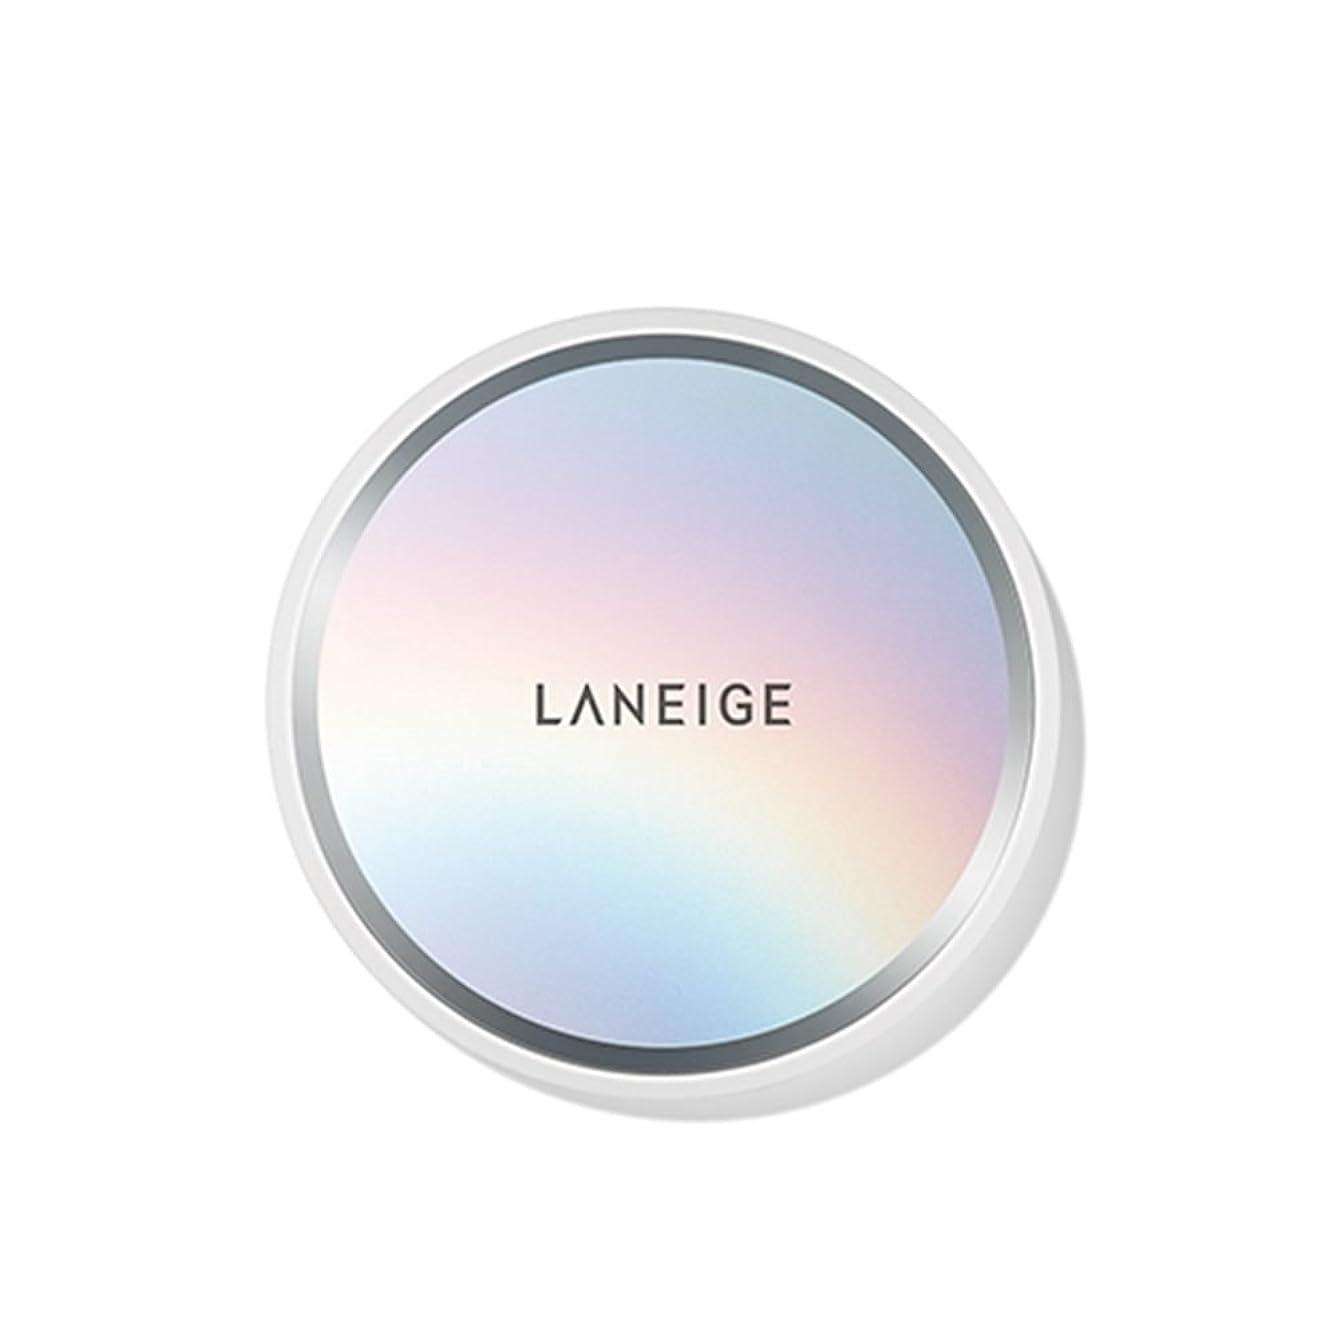 反発世界的にかろうじて【ラネージュ】 LANEIGE BB Cushion Whitening BBクッションのホワイトニング 【韓国直送品】 OOPSPANDA (5.No. 11 Cool Porcelain)